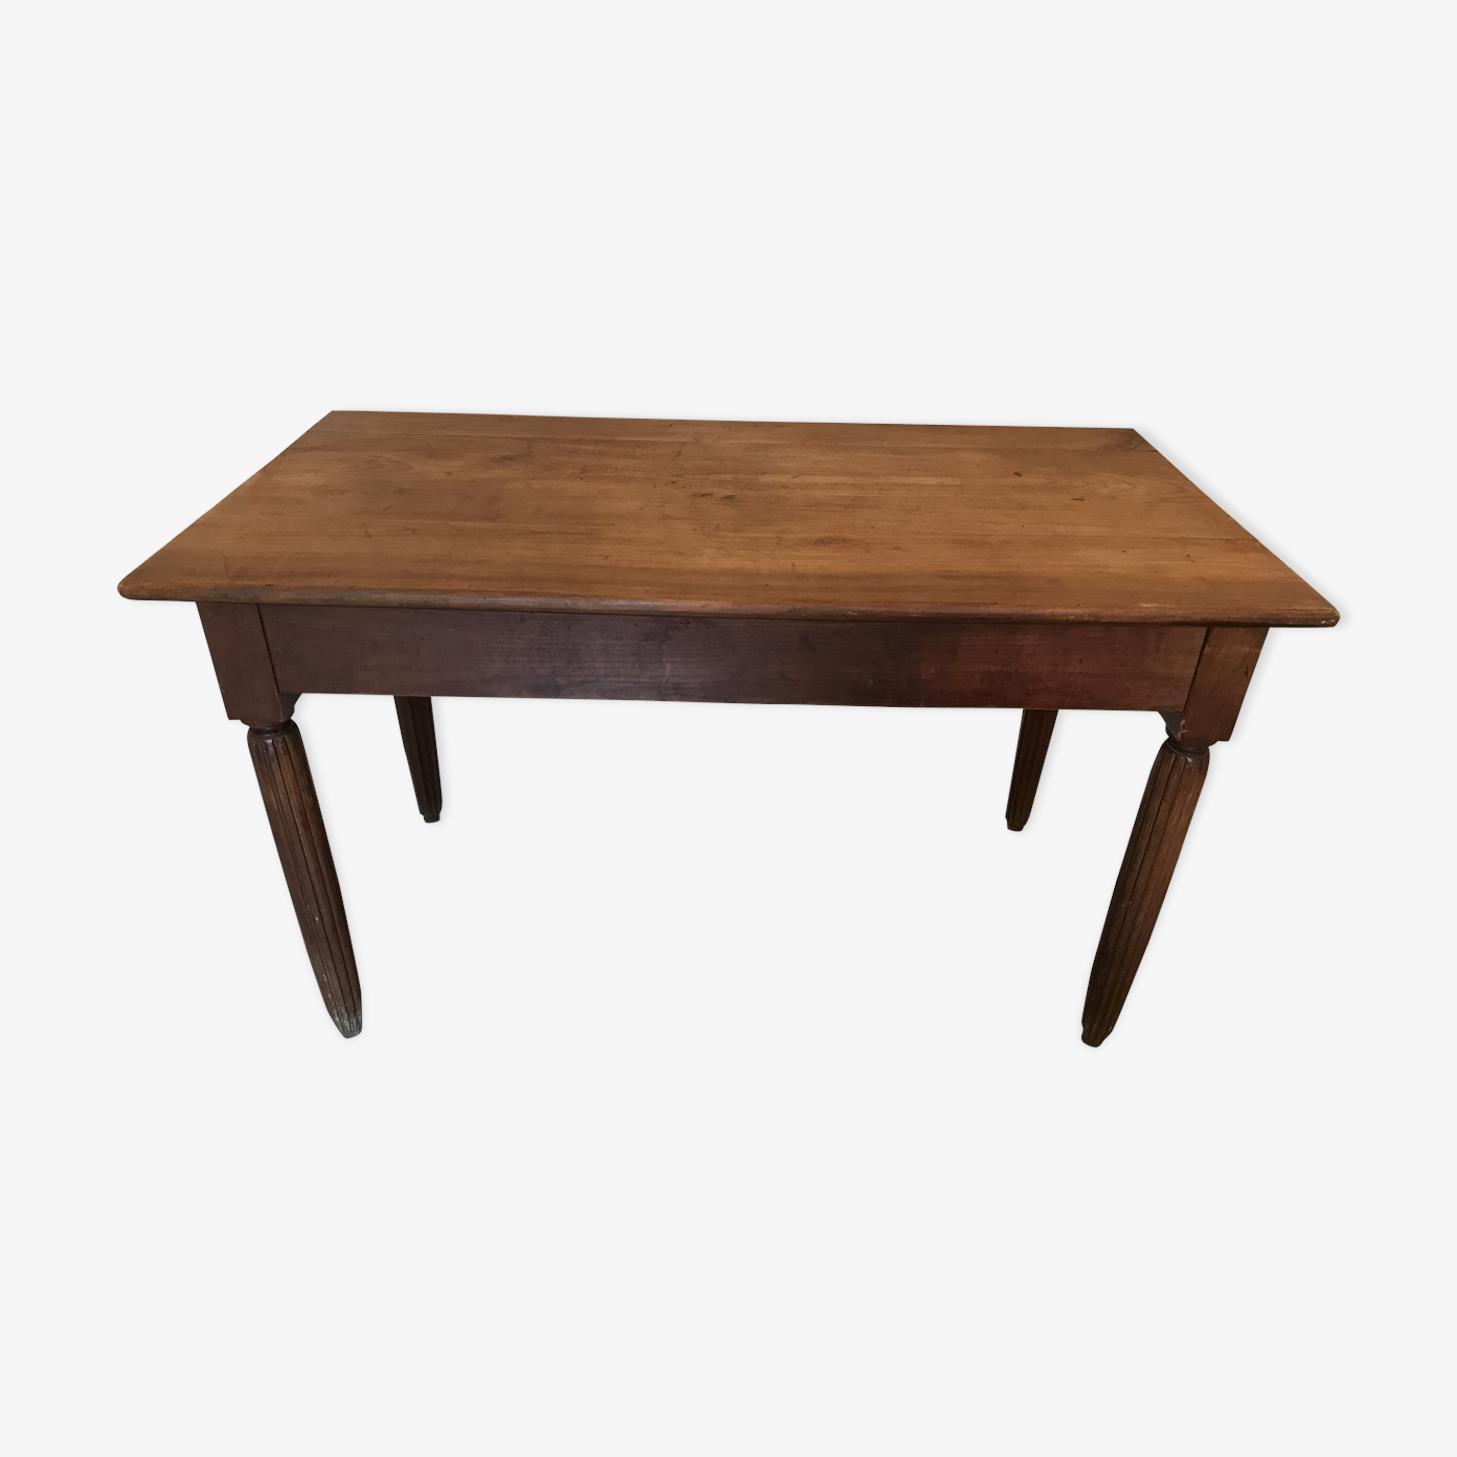 Table bistrot vintage 1940-50 en noyer blond